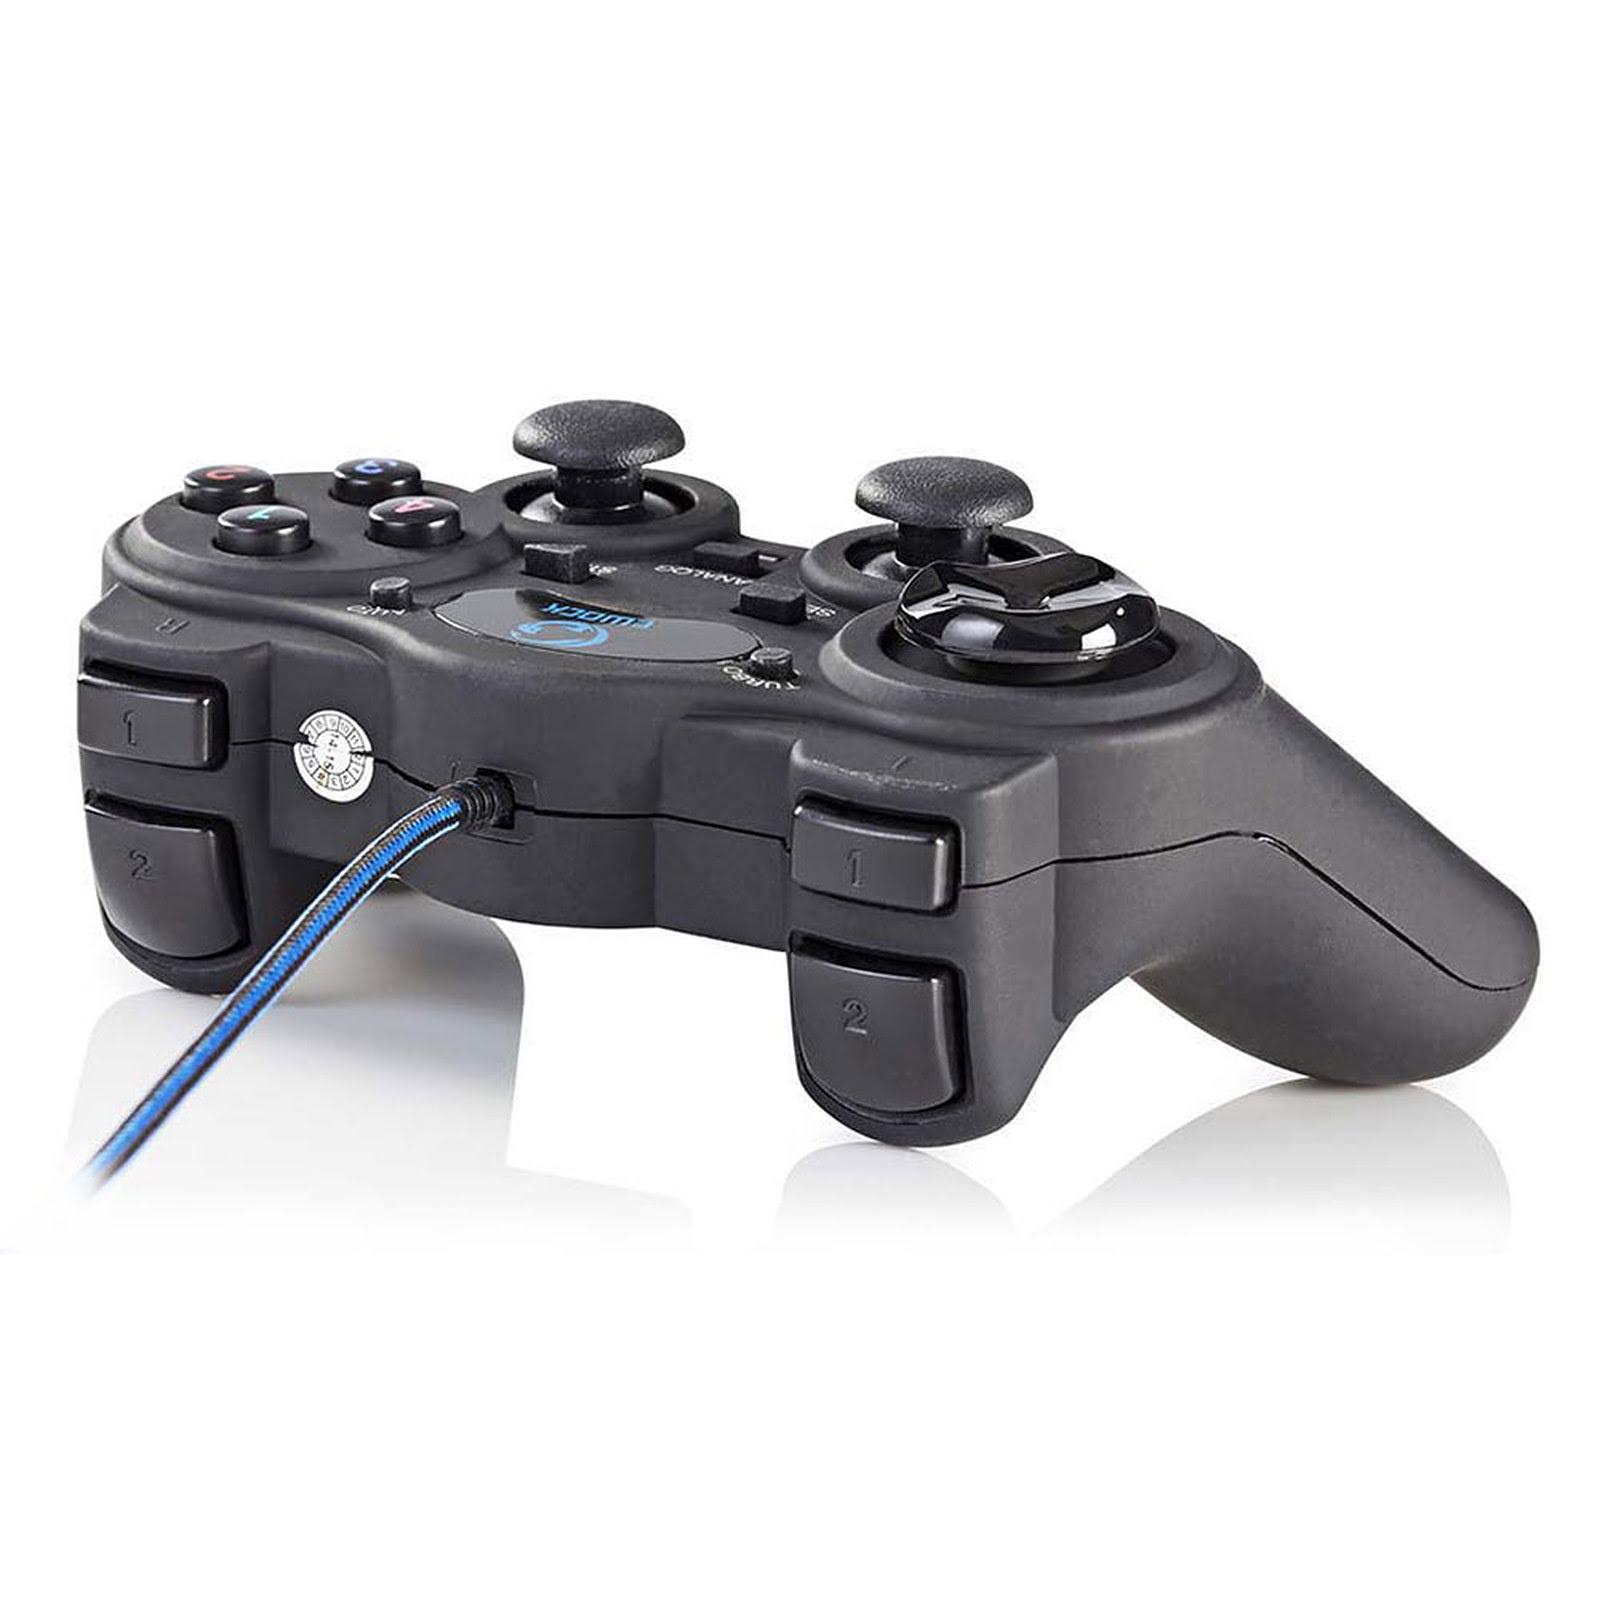 Manette de Jeu - 12 boutons/vibration/USB (GGPD100BK ++) - Achat / Vente Périphérique de jeu sur Picata.fr - 1